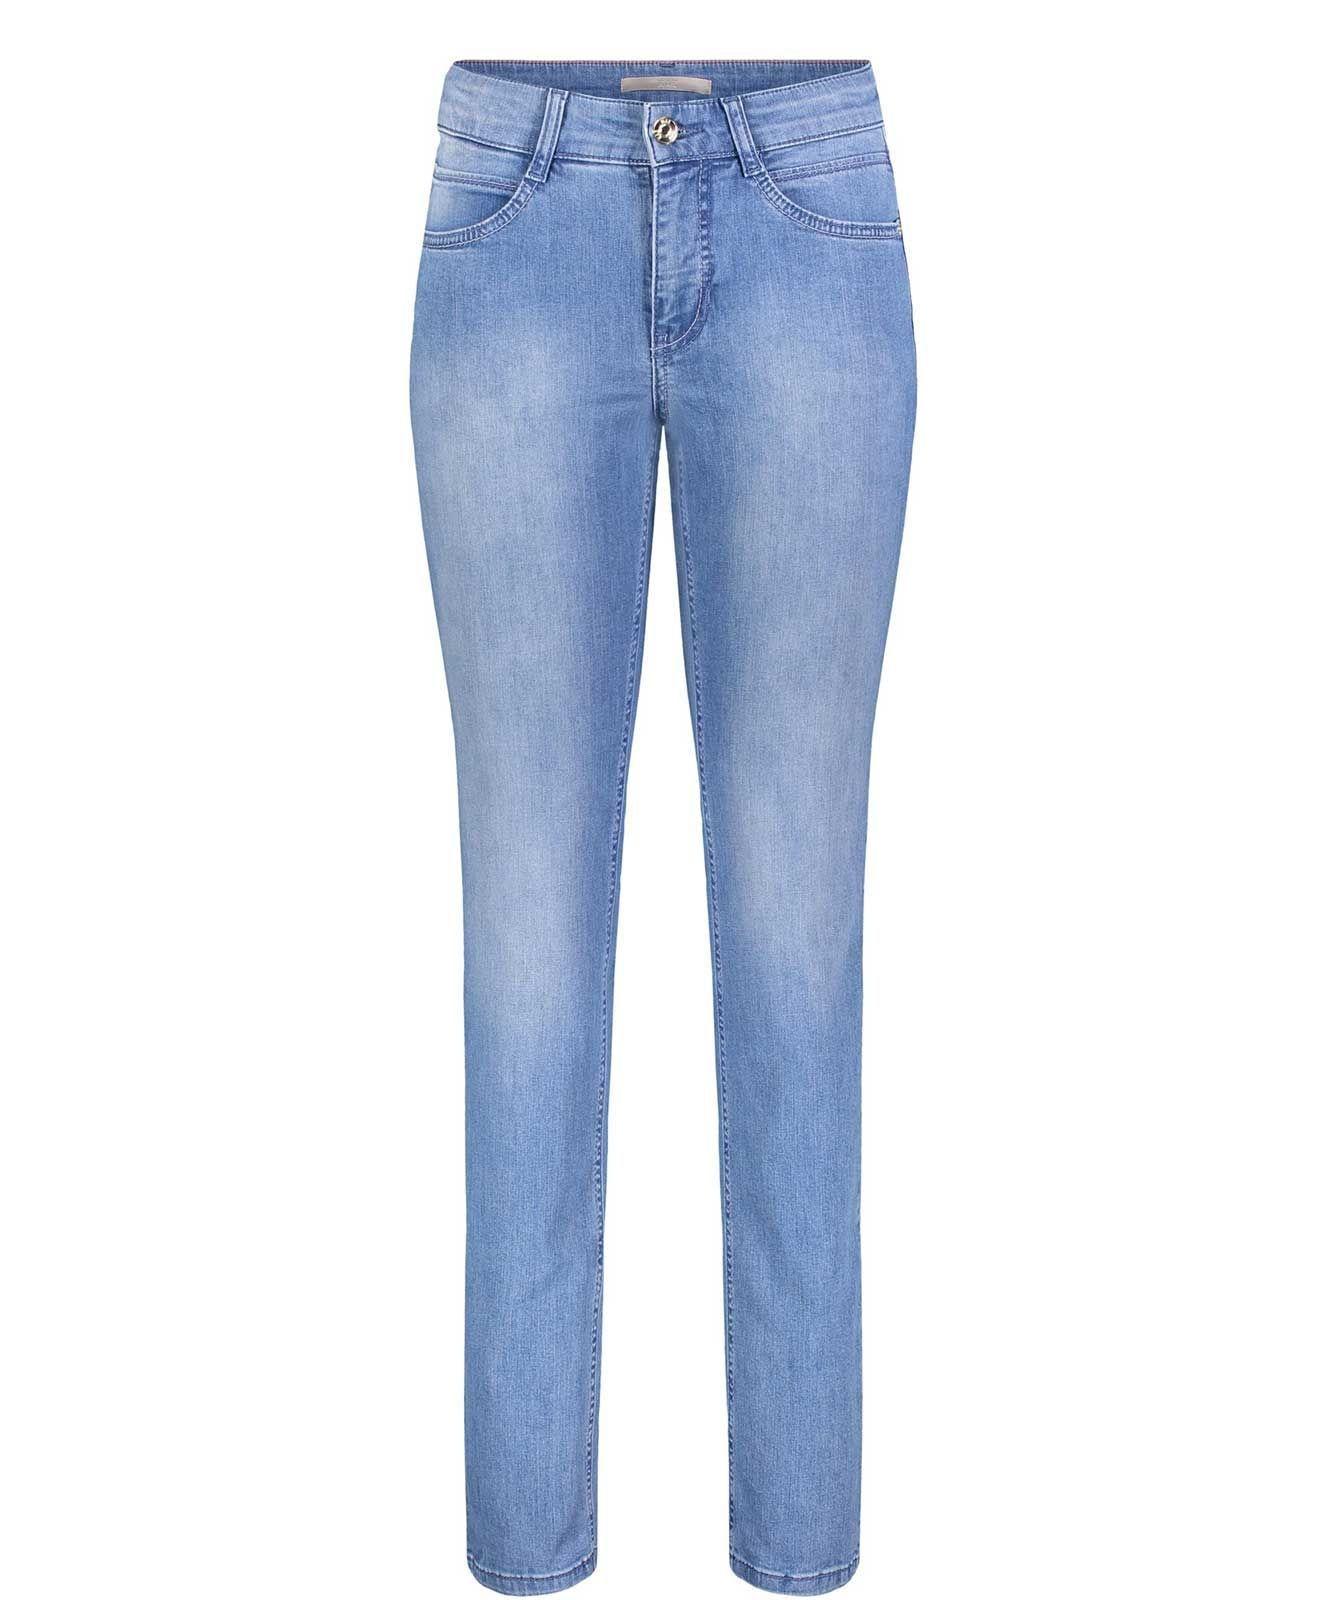 Mac 78 Jeans Melanie in Light Blue mit Schlitz am Saum